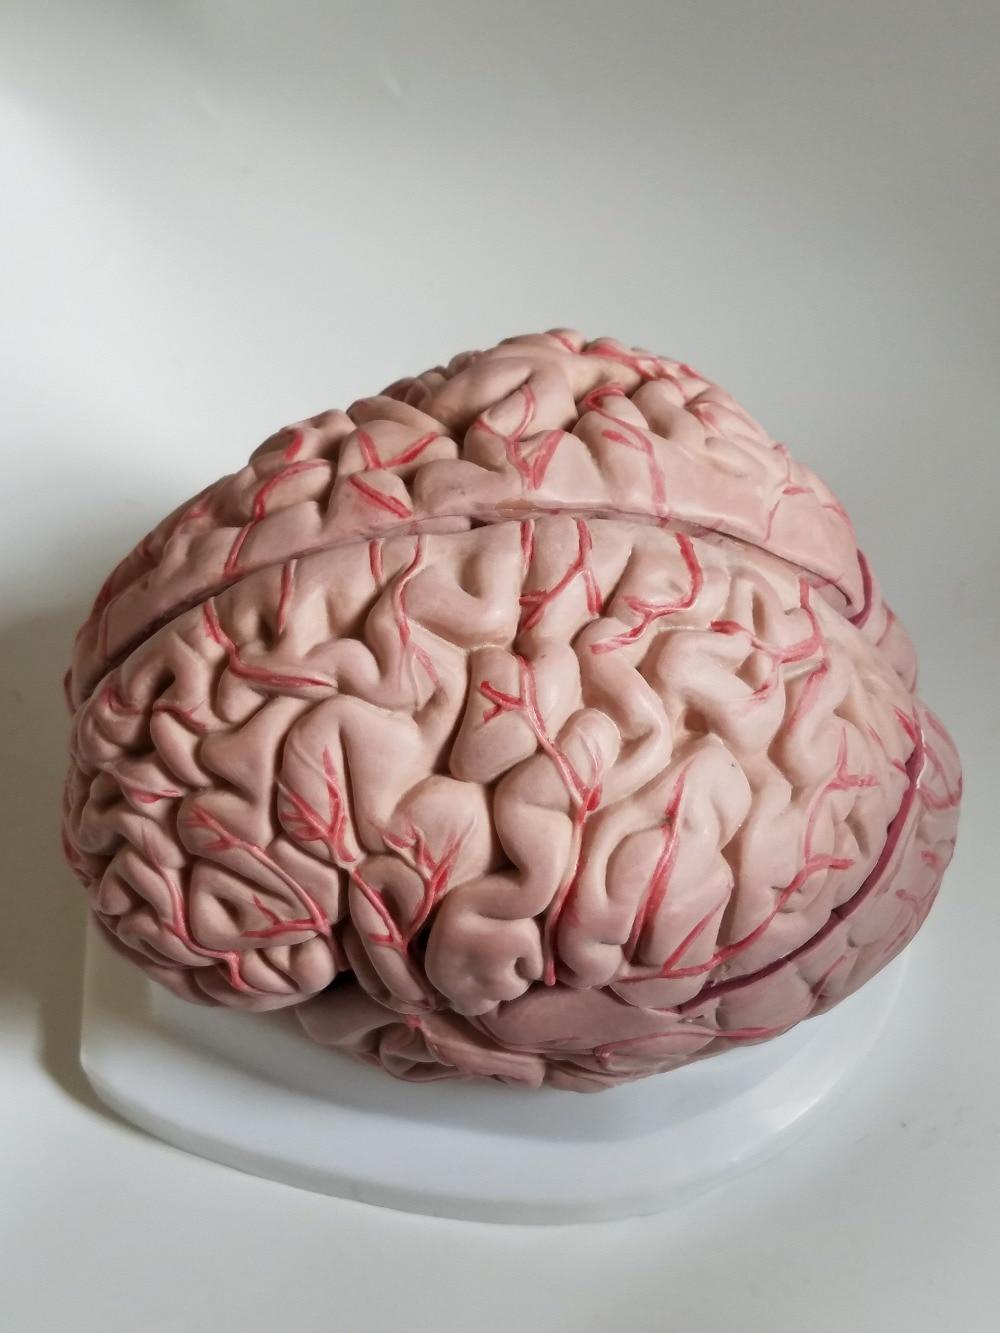 Aliexpress.com : Buy PVC big brain anatomy model brain model ...